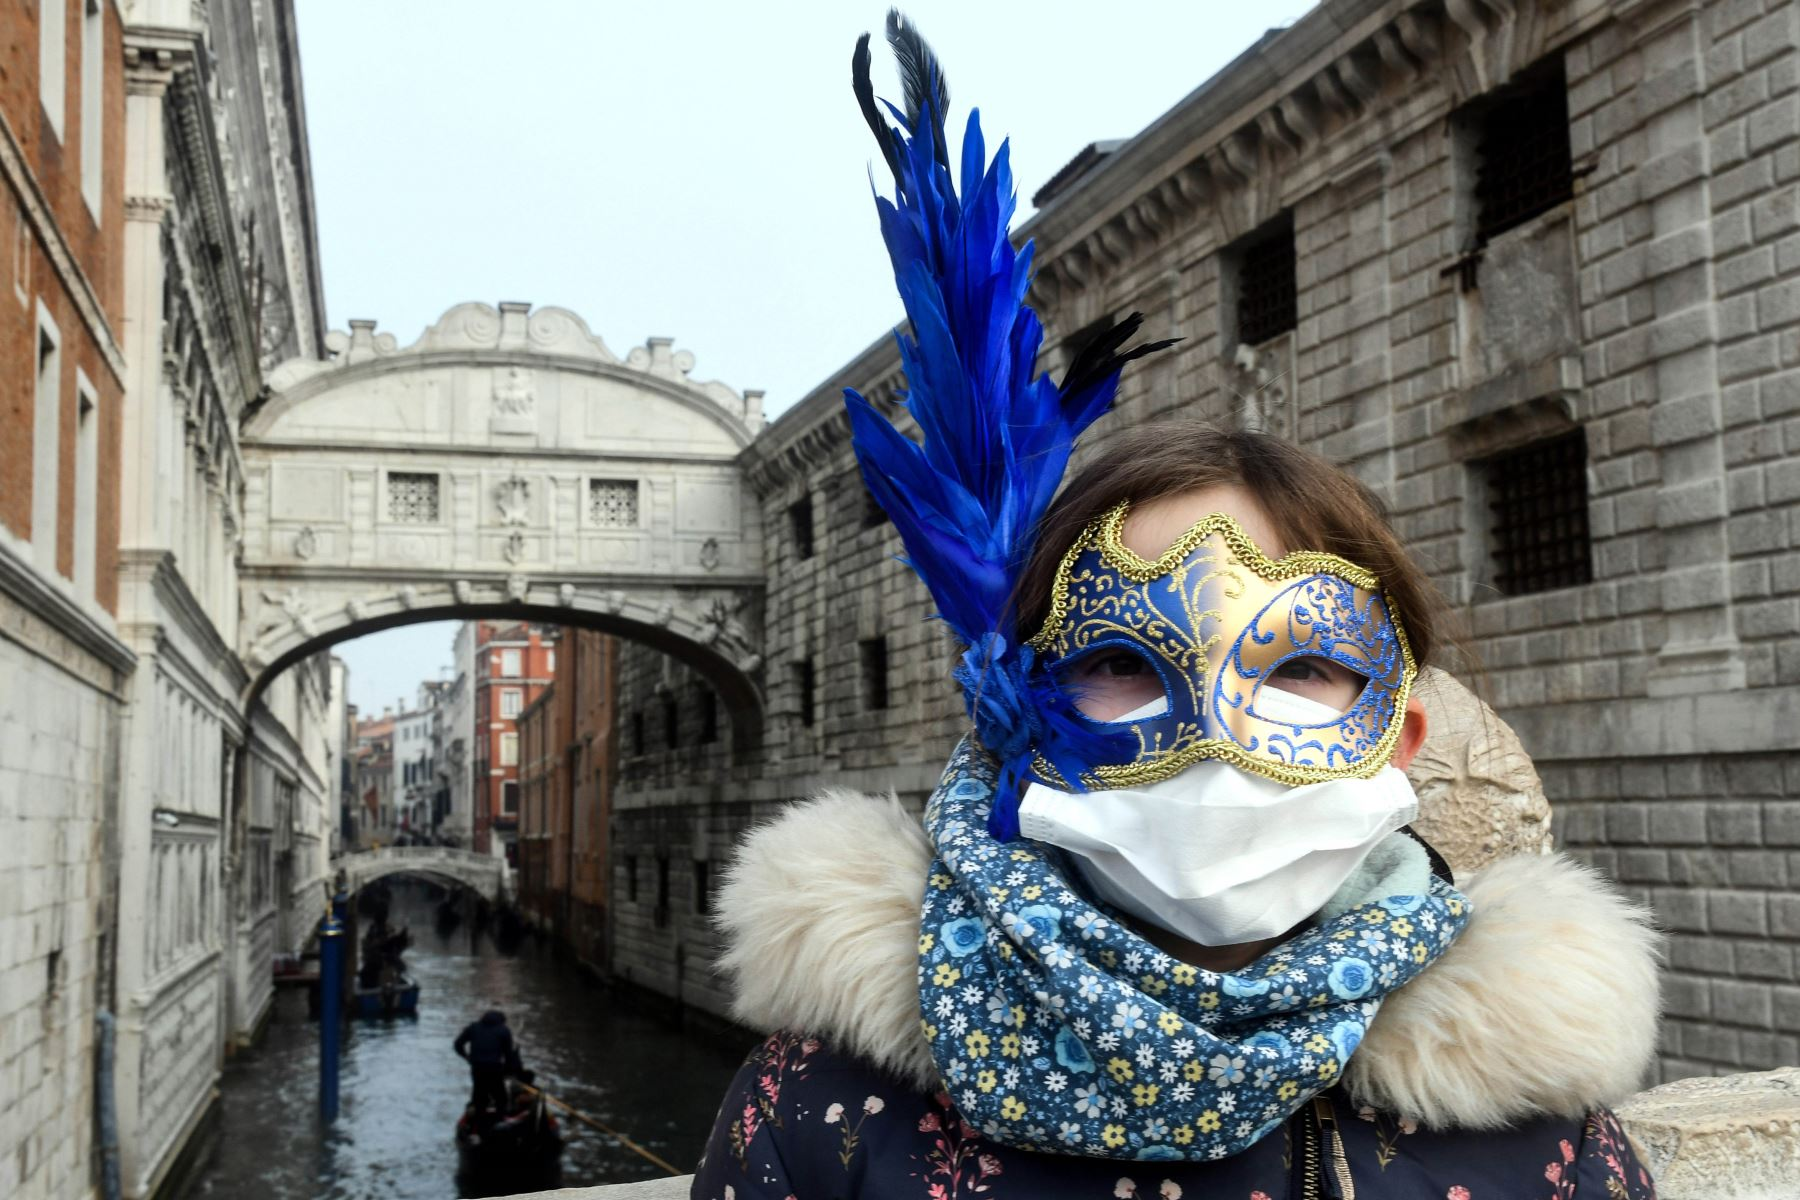 Un joven turista usa una máscara protectora en las calles de Venecia. Foto: AFP